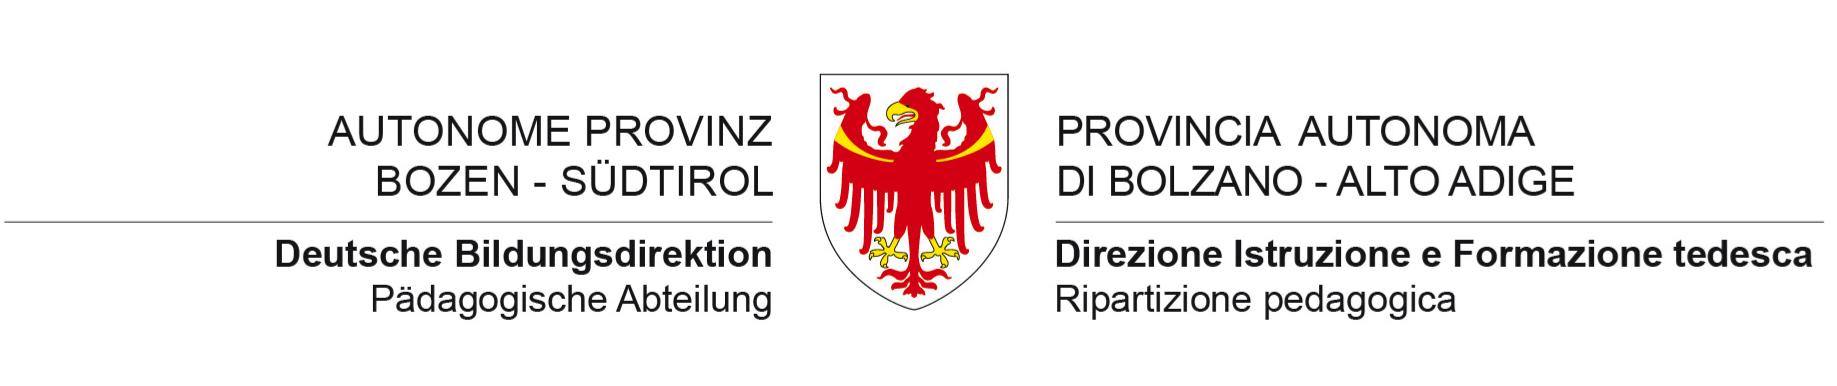 Deutsche Bildungsdirektion